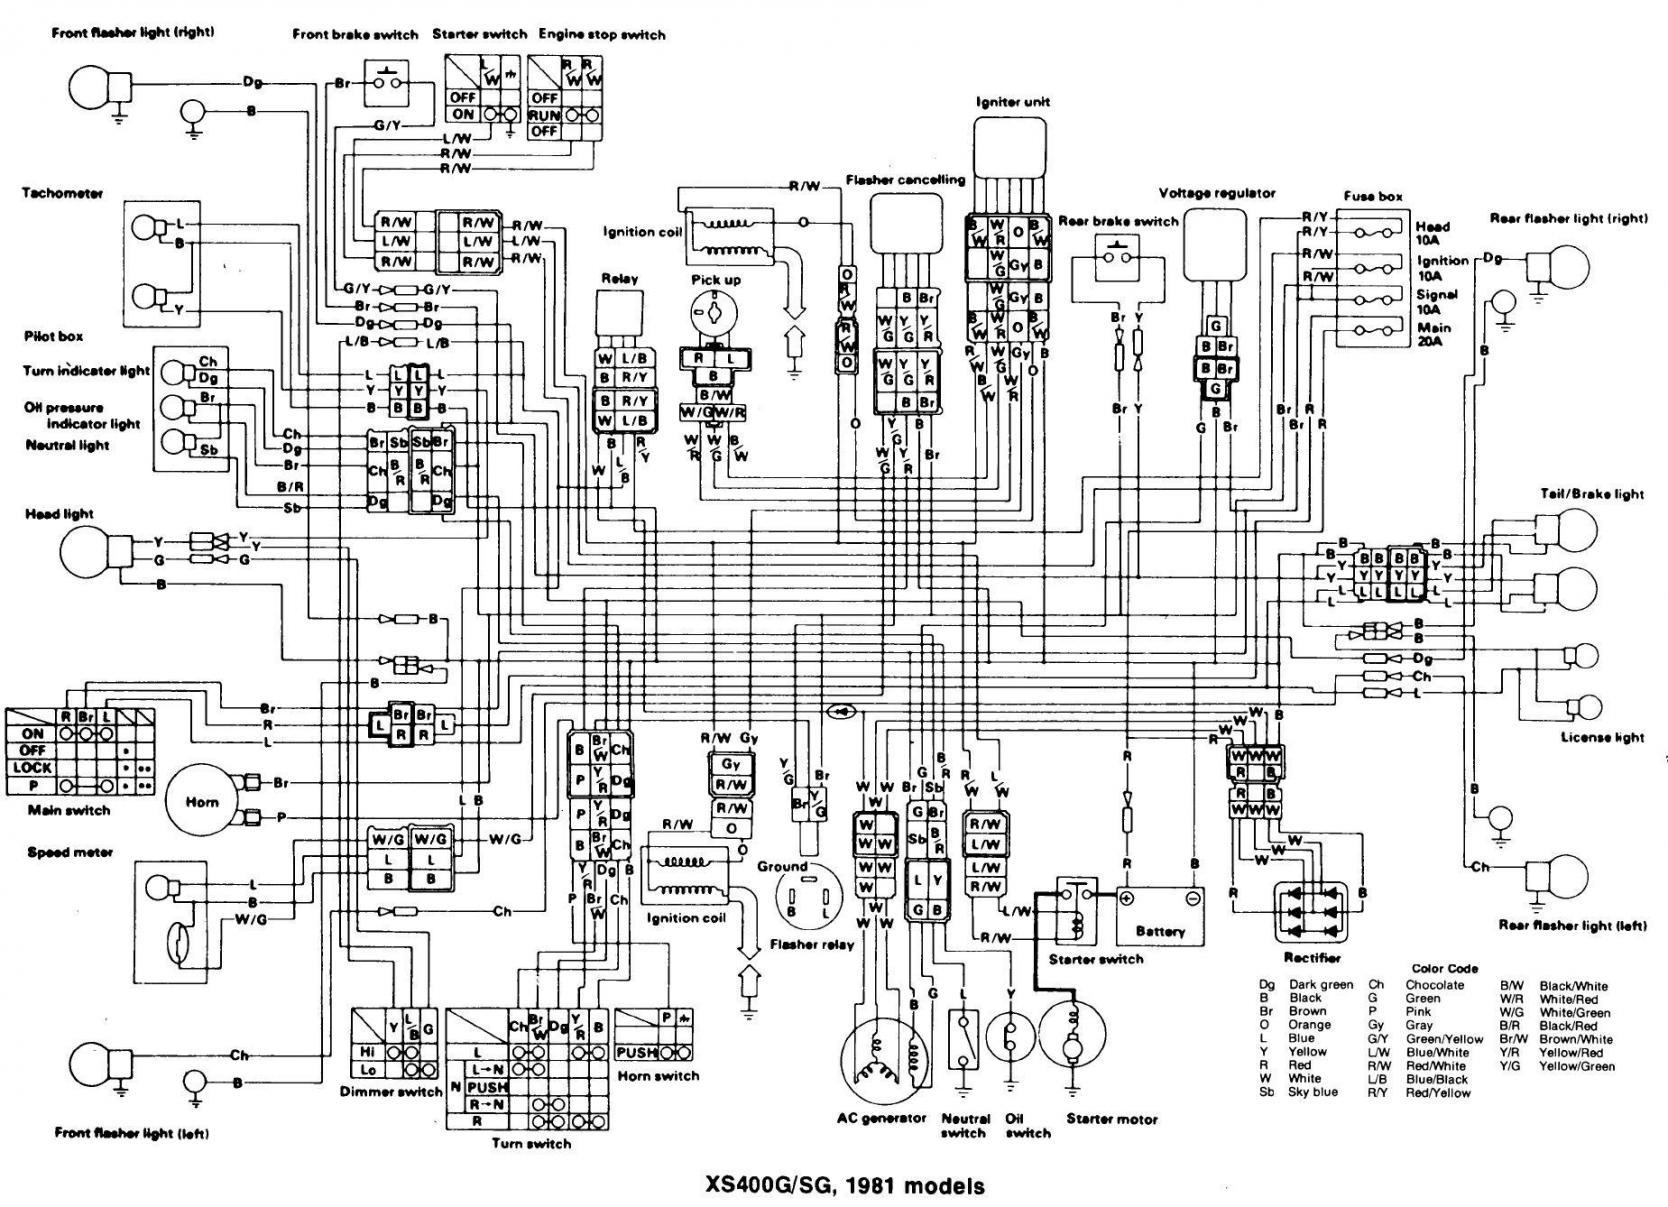 79 yamaha xs1100 wiring diagram